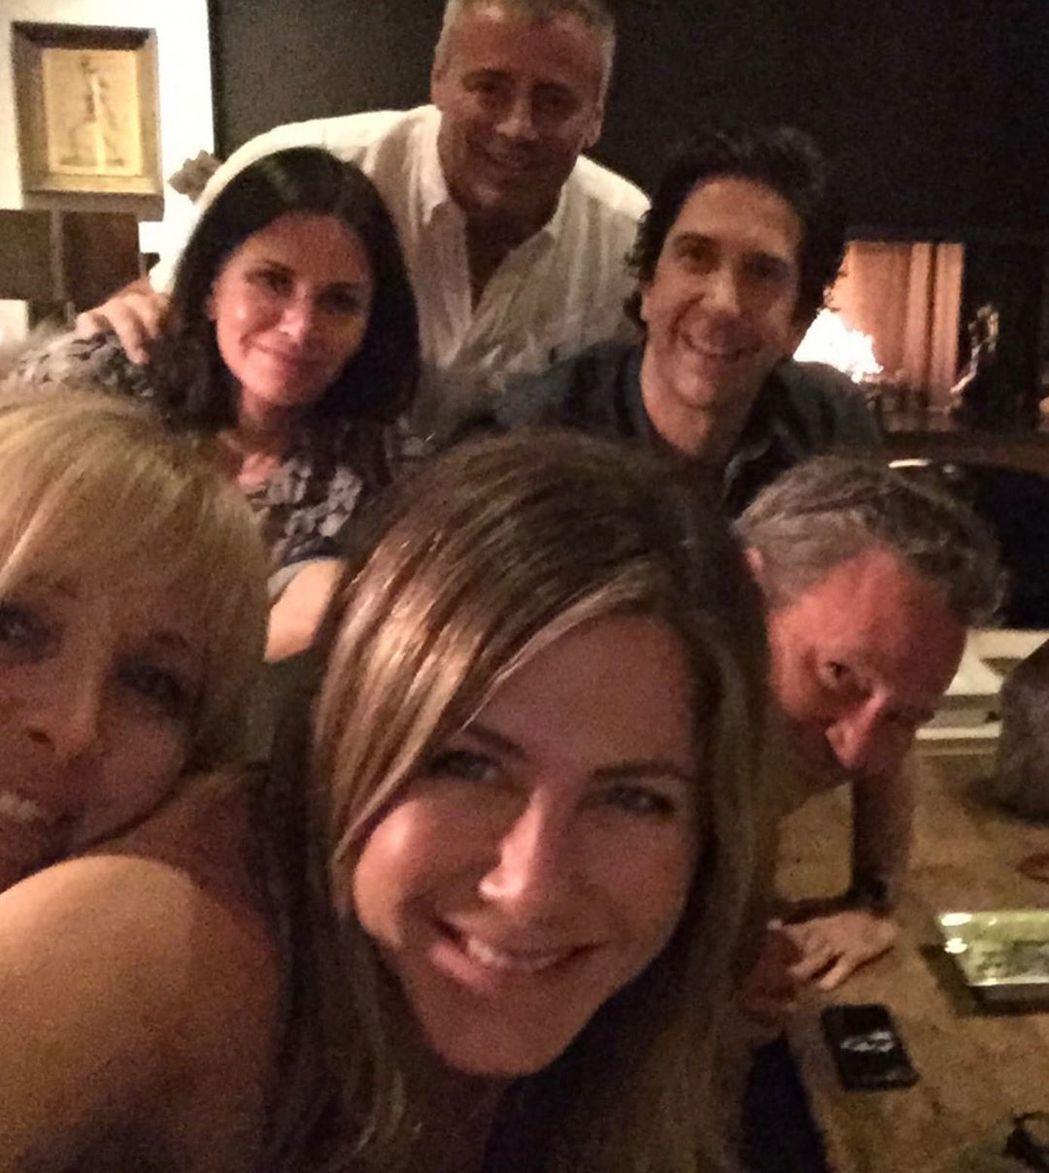 「六人行」全部主角去年就曾經私下重聚,拍了大合照。圖/摘自Instagram